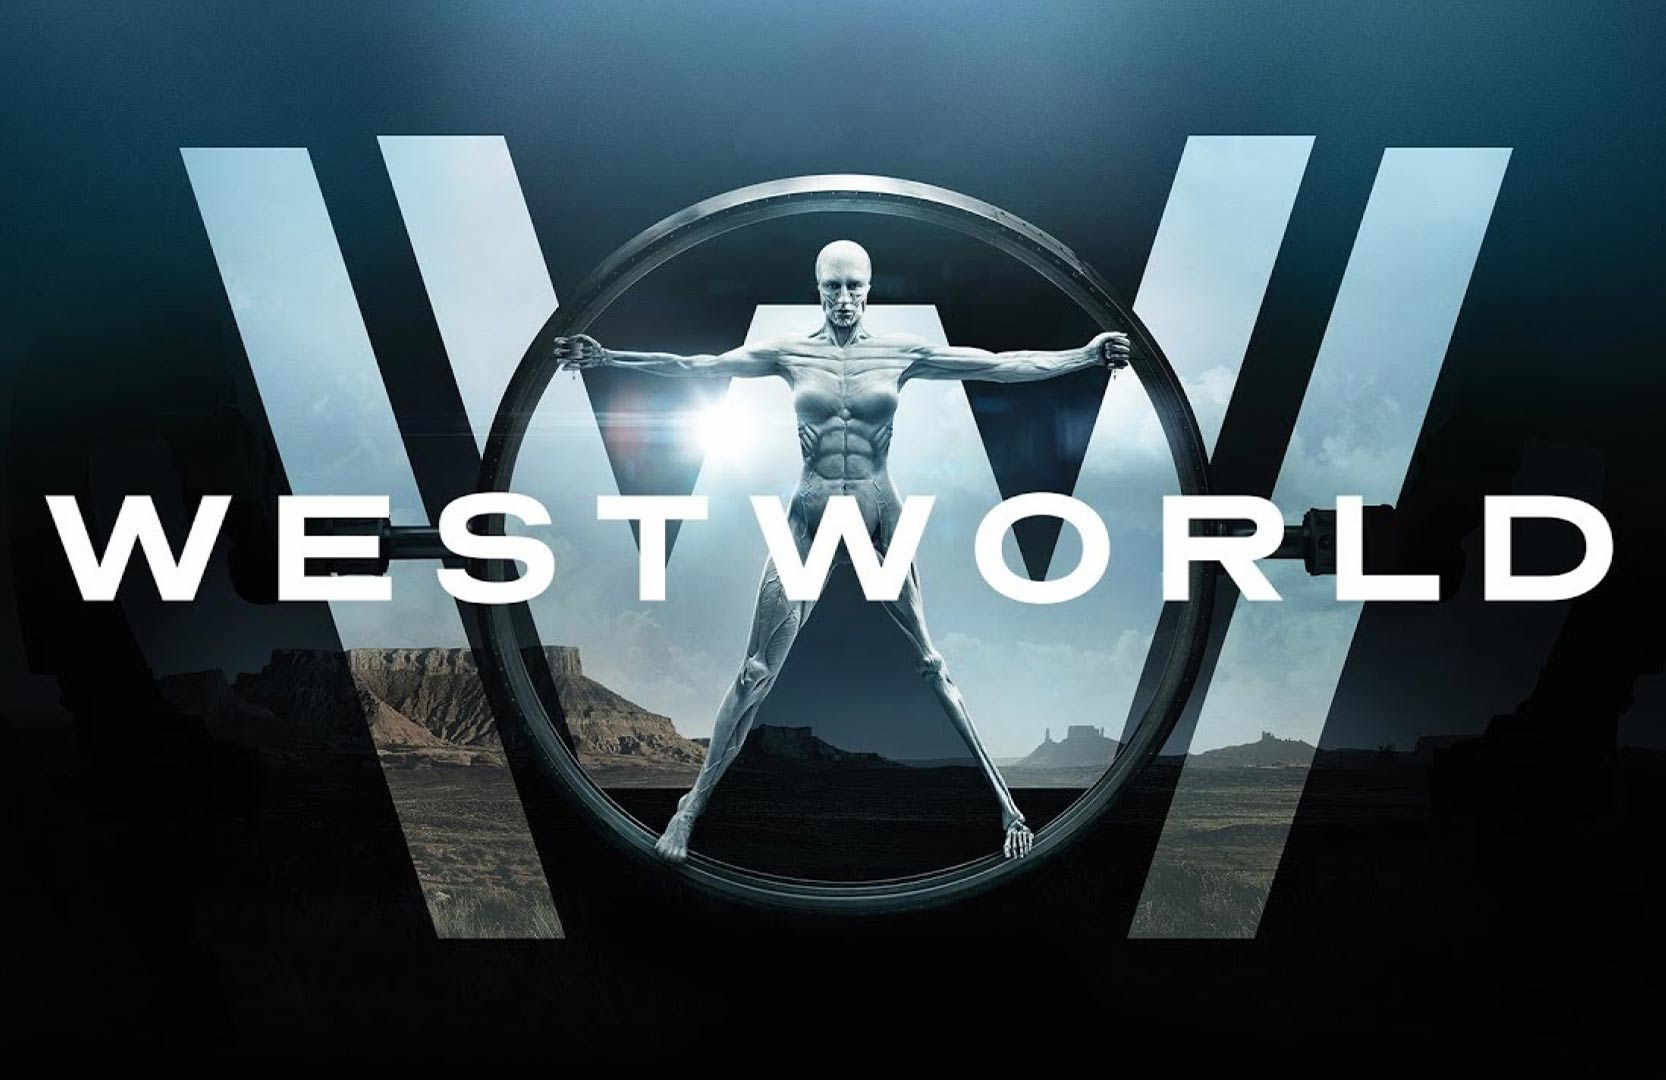 westworld-1554905133.jpg